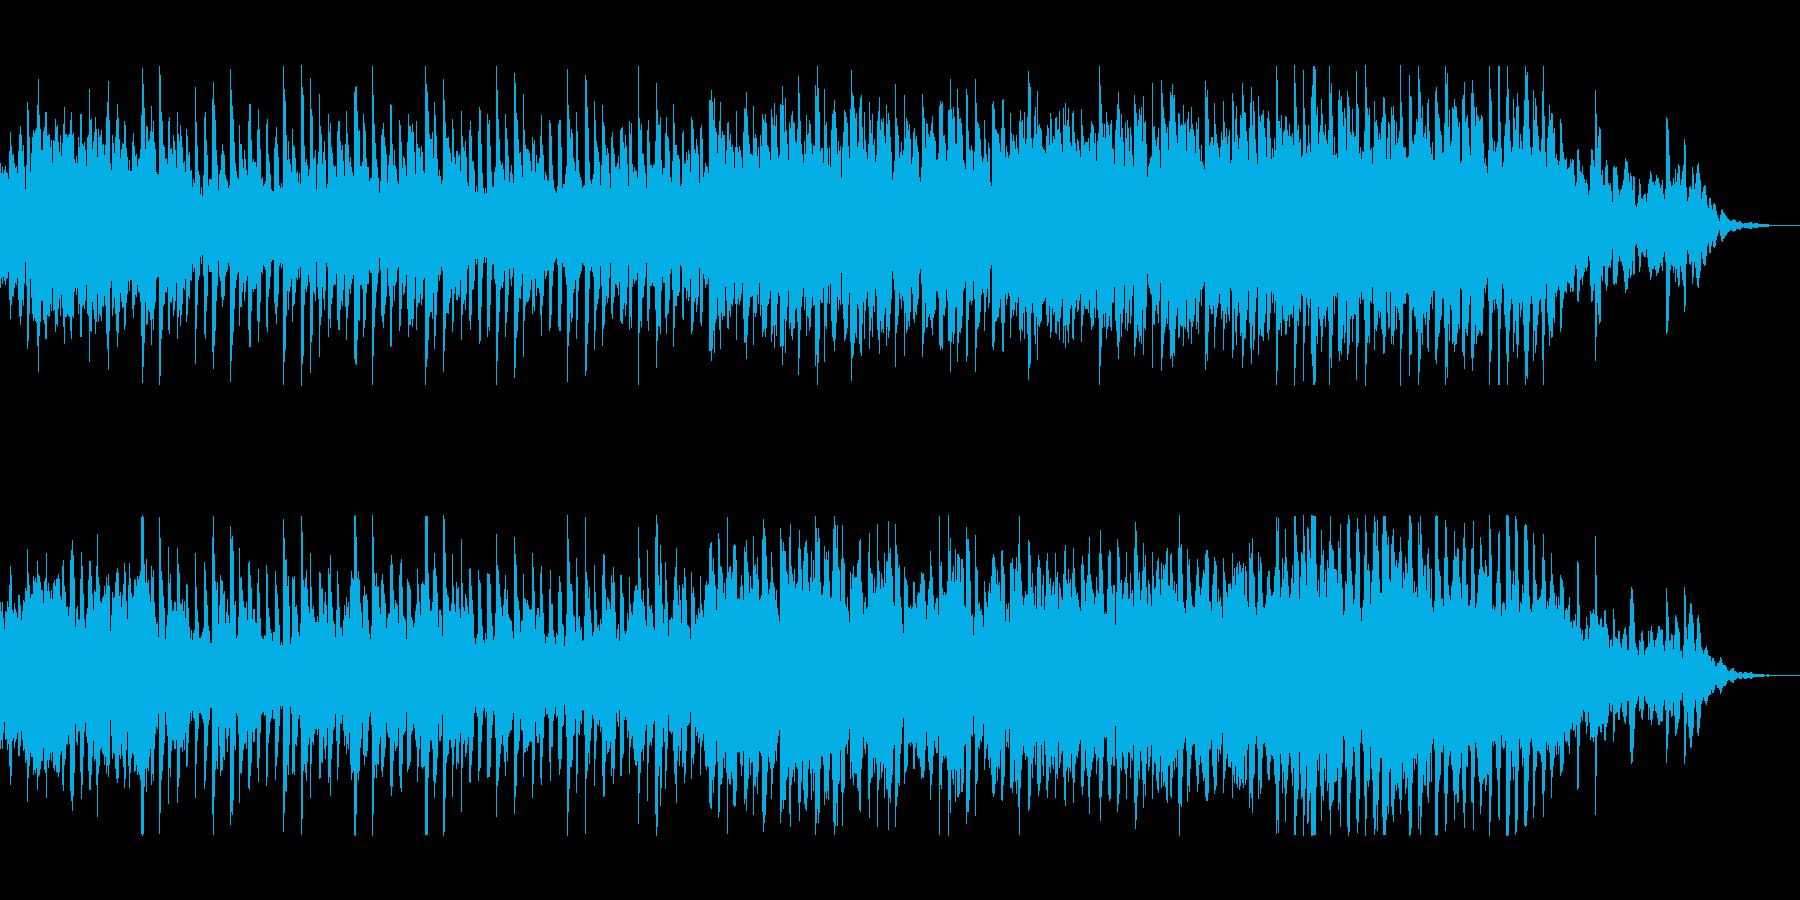 浮遊感漂う心地良い電子音。ハウス、テクノの再生済みの波形